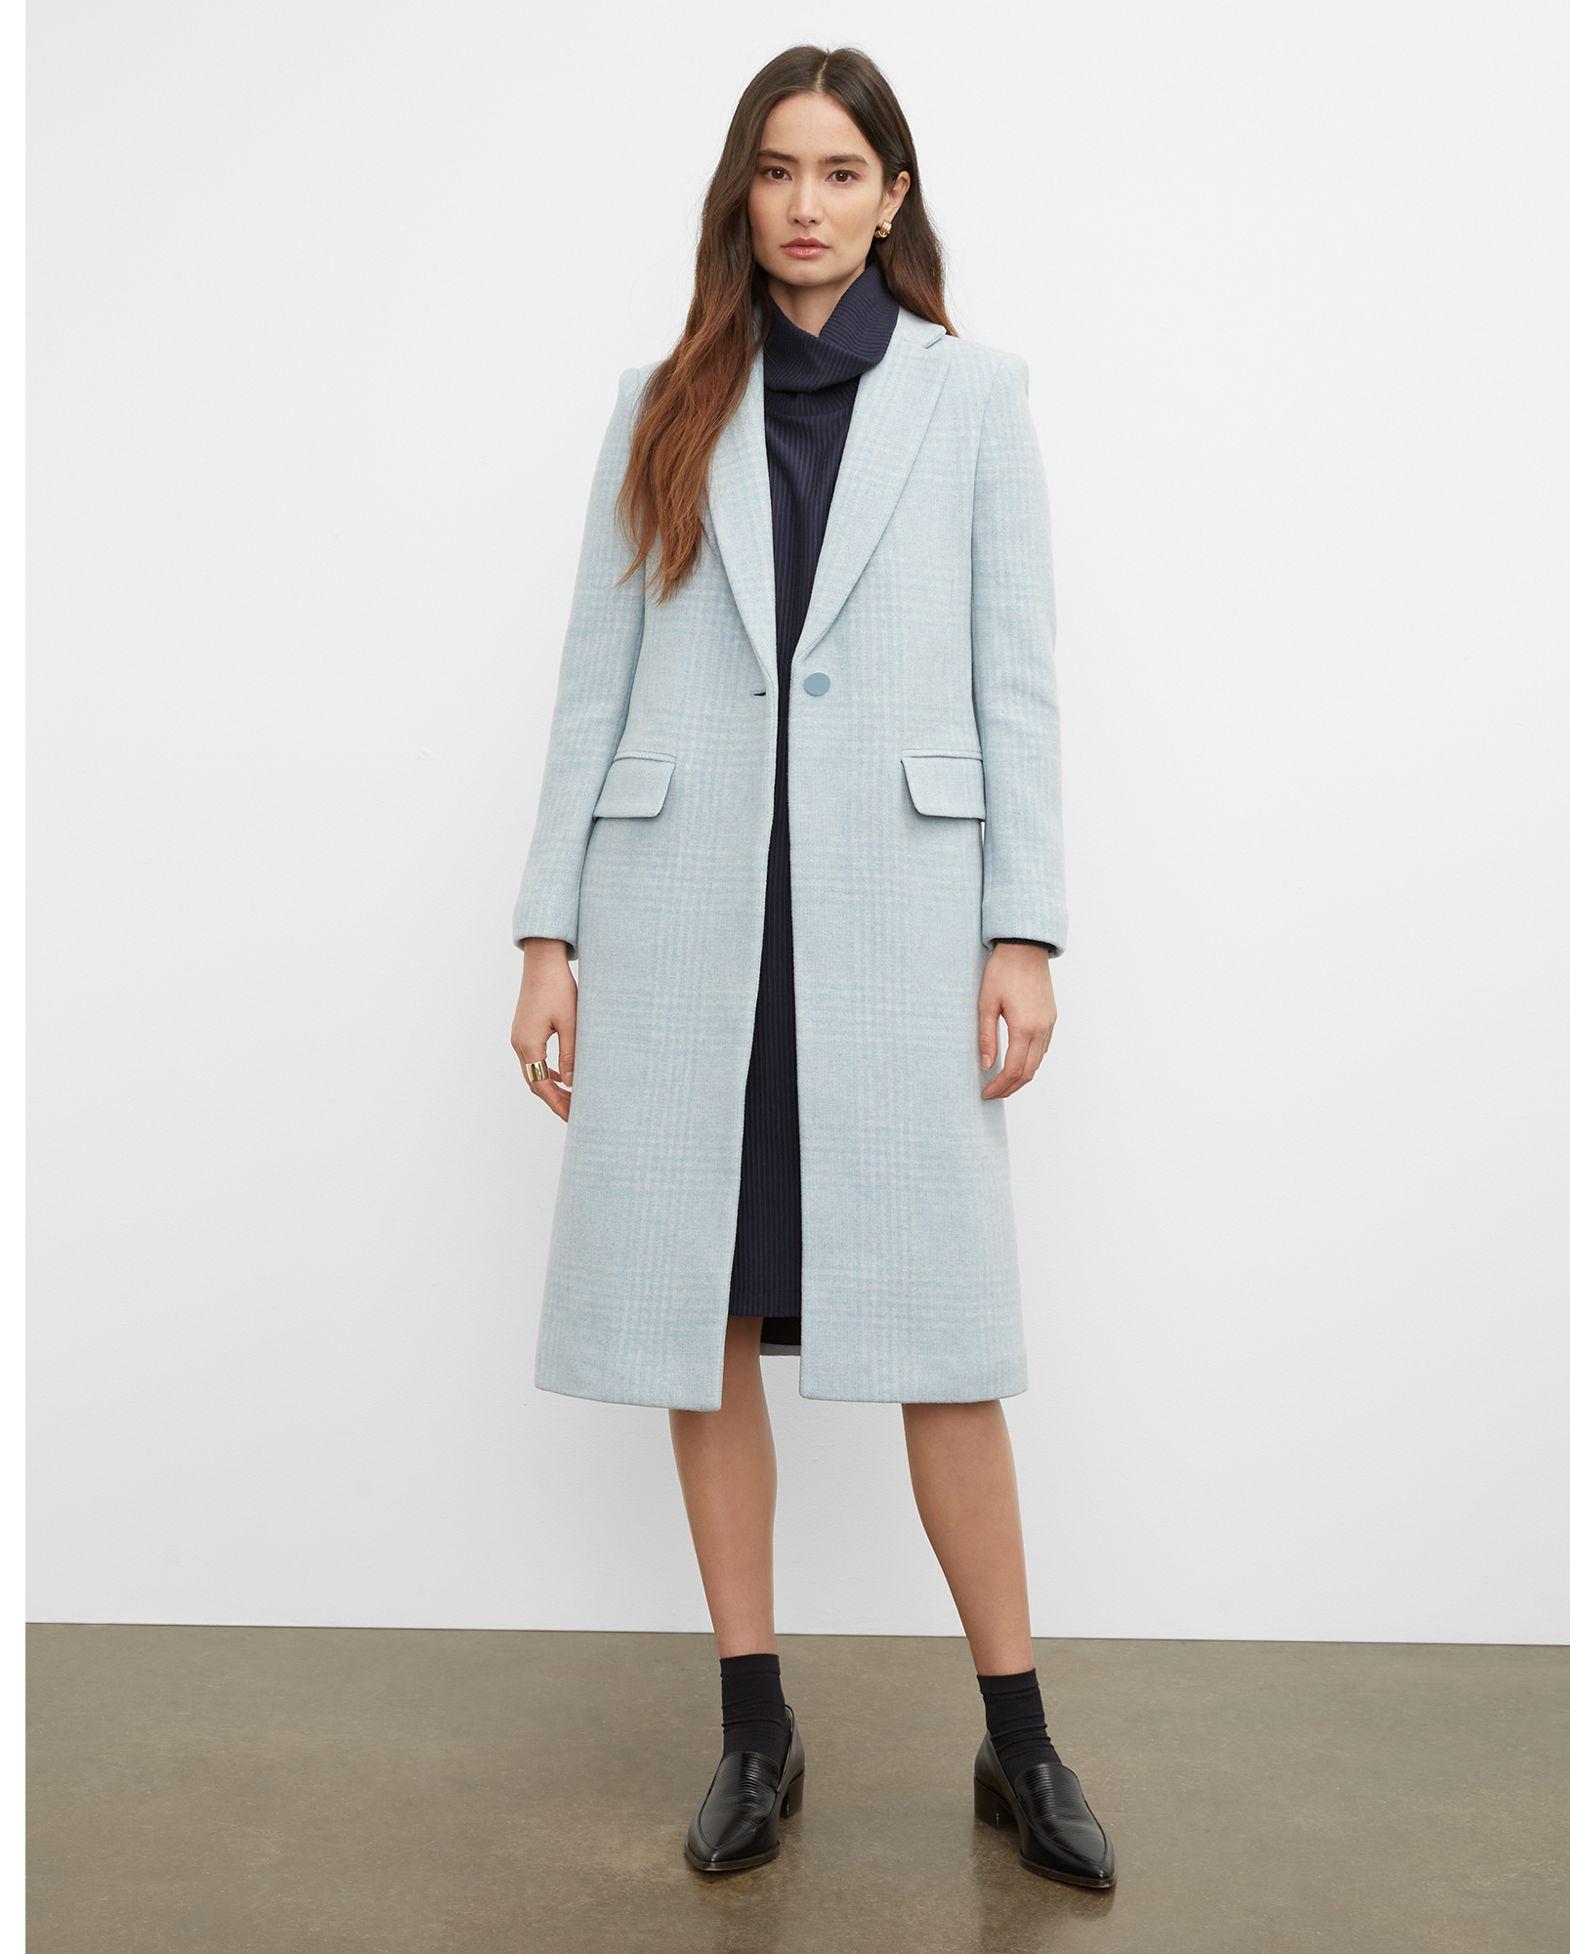 CLUB MONACO Plaid Slim Tailored Coat